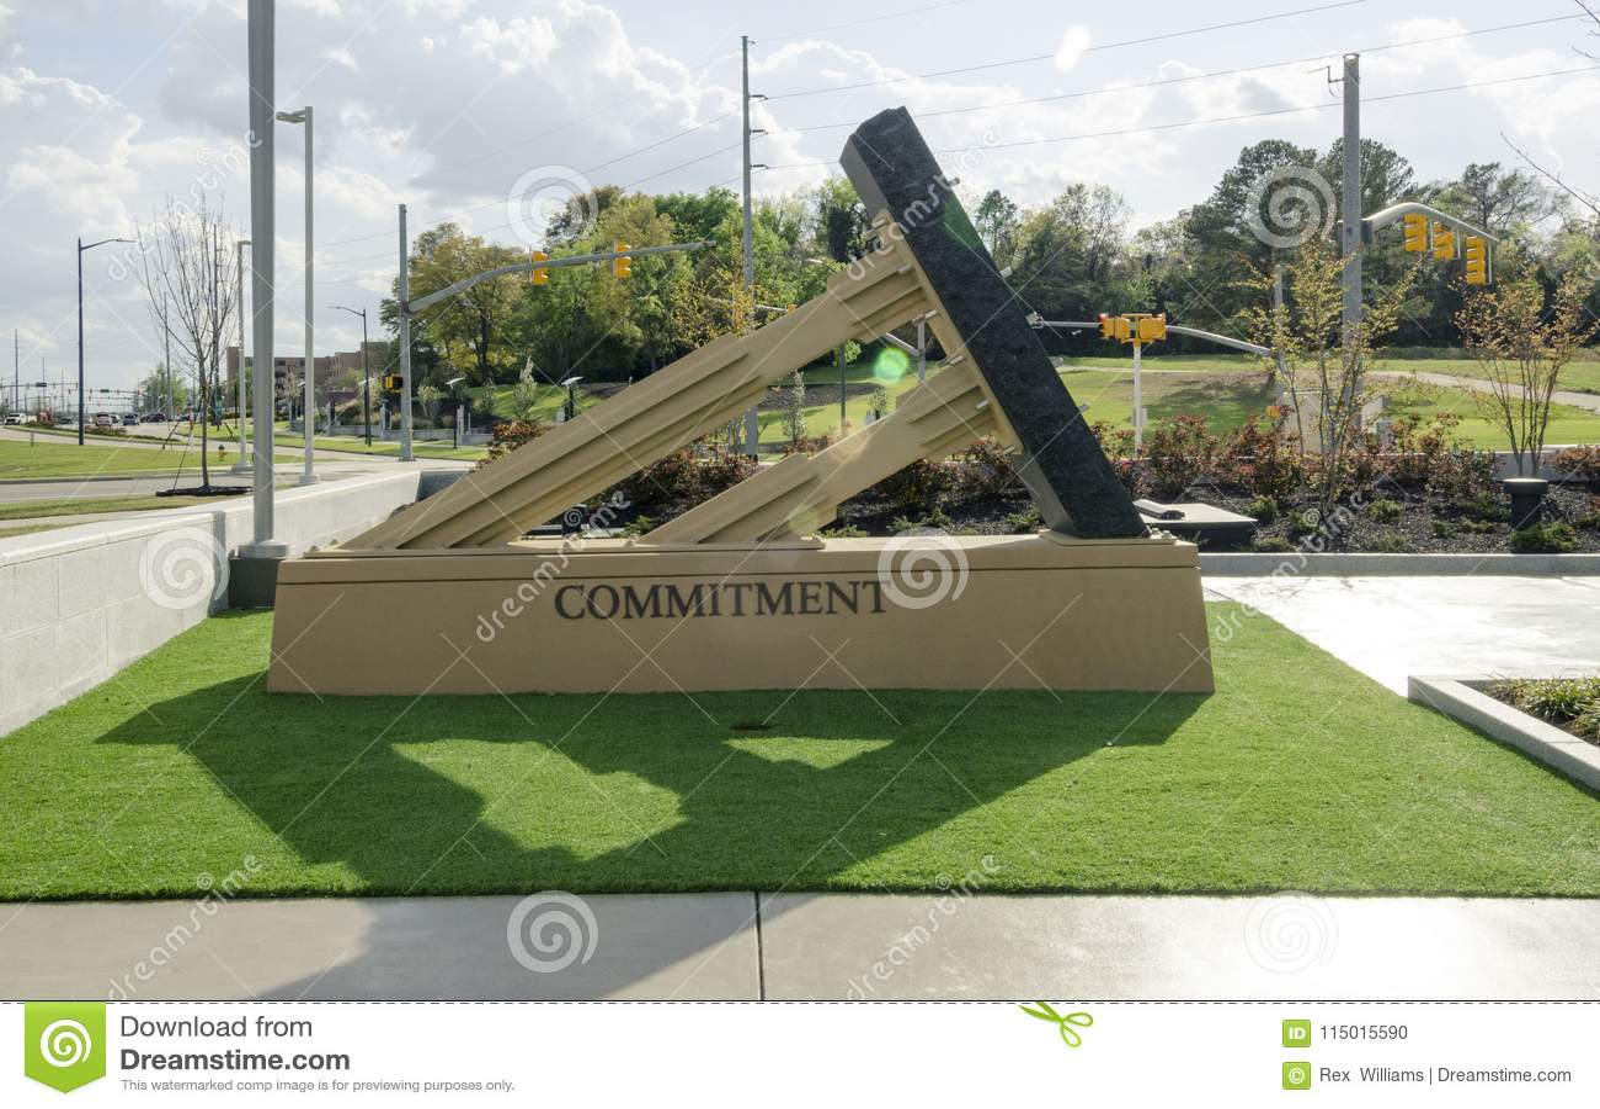 Carolina Veterans Park del norte, Fayetteville 22 de marzo de 2012: Parquee dedicado a todos los veteranos del NC en el estado